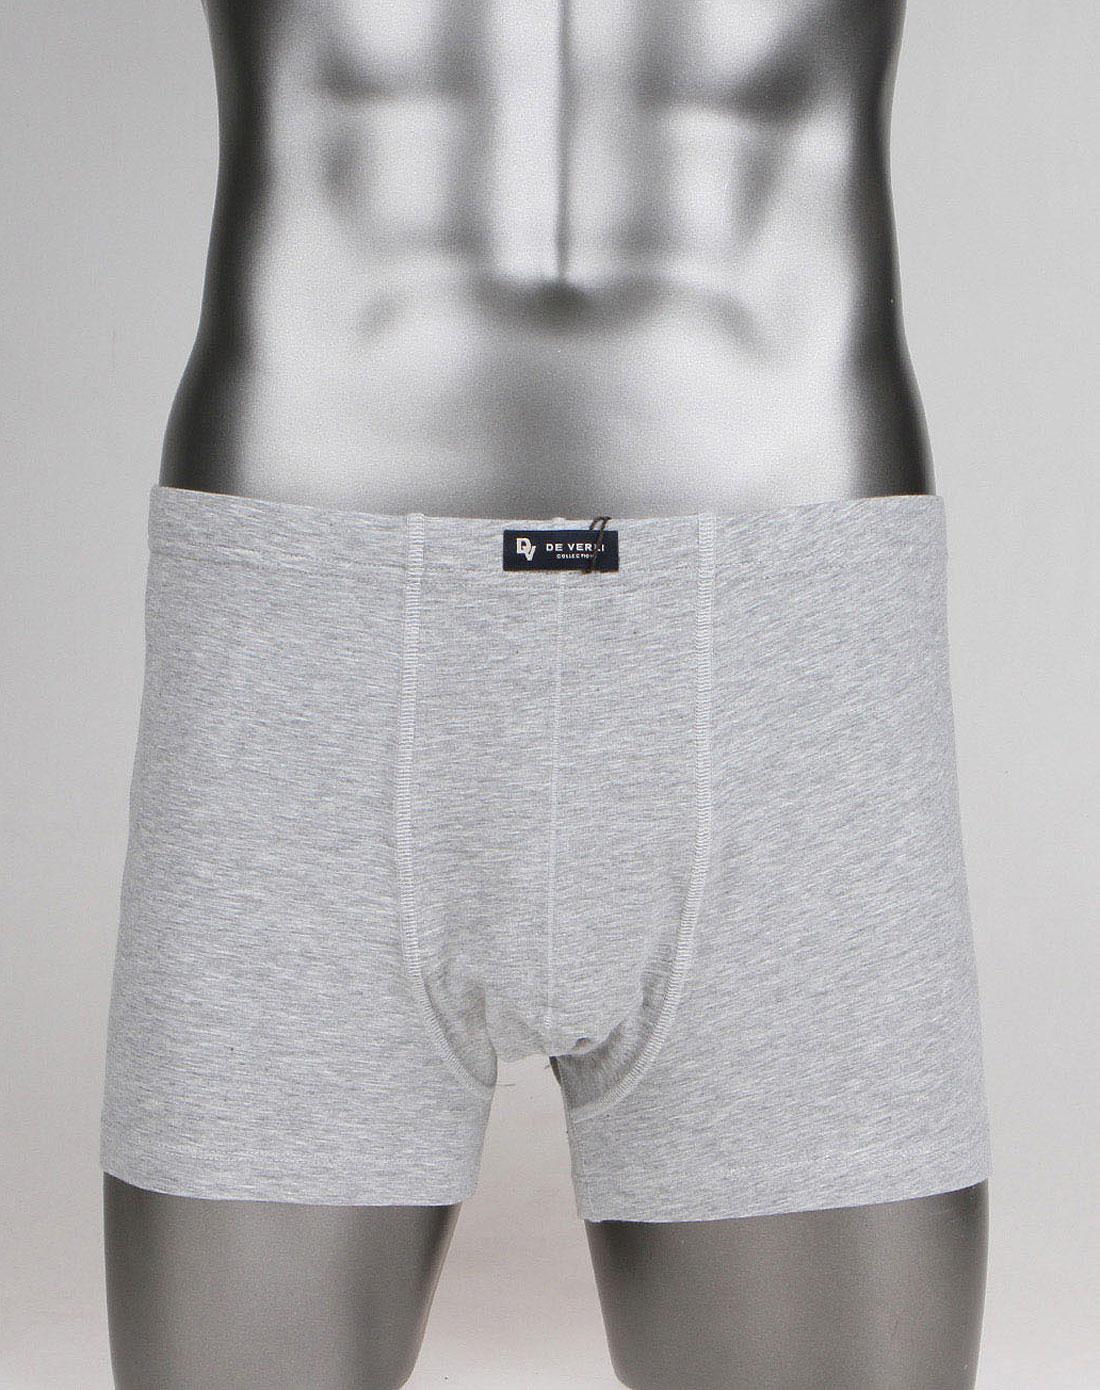 浅灰色简约针织内裤